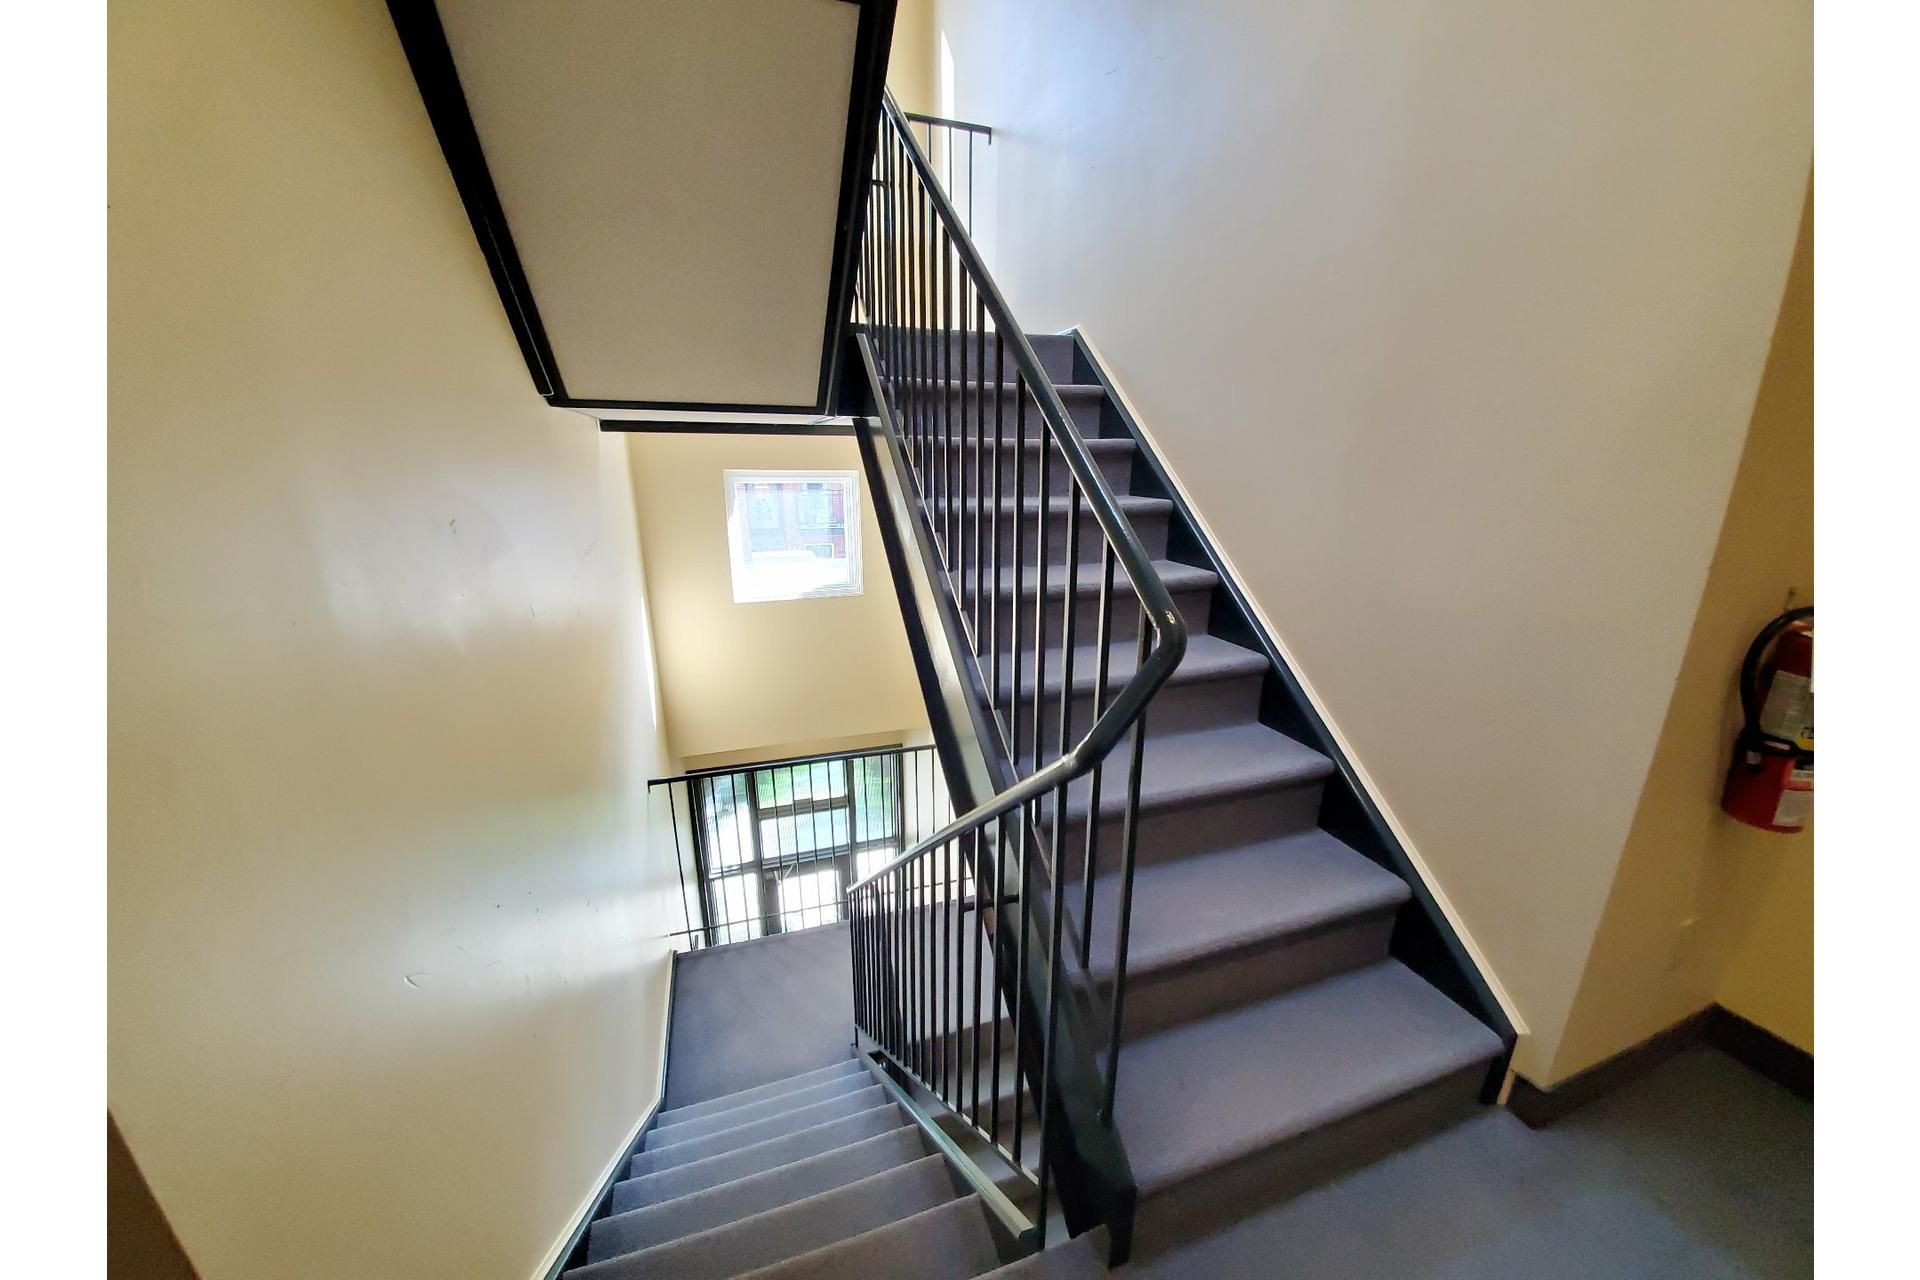 image 31 - Apartment For sale Ville-Marie Montréal  - 5 rooms